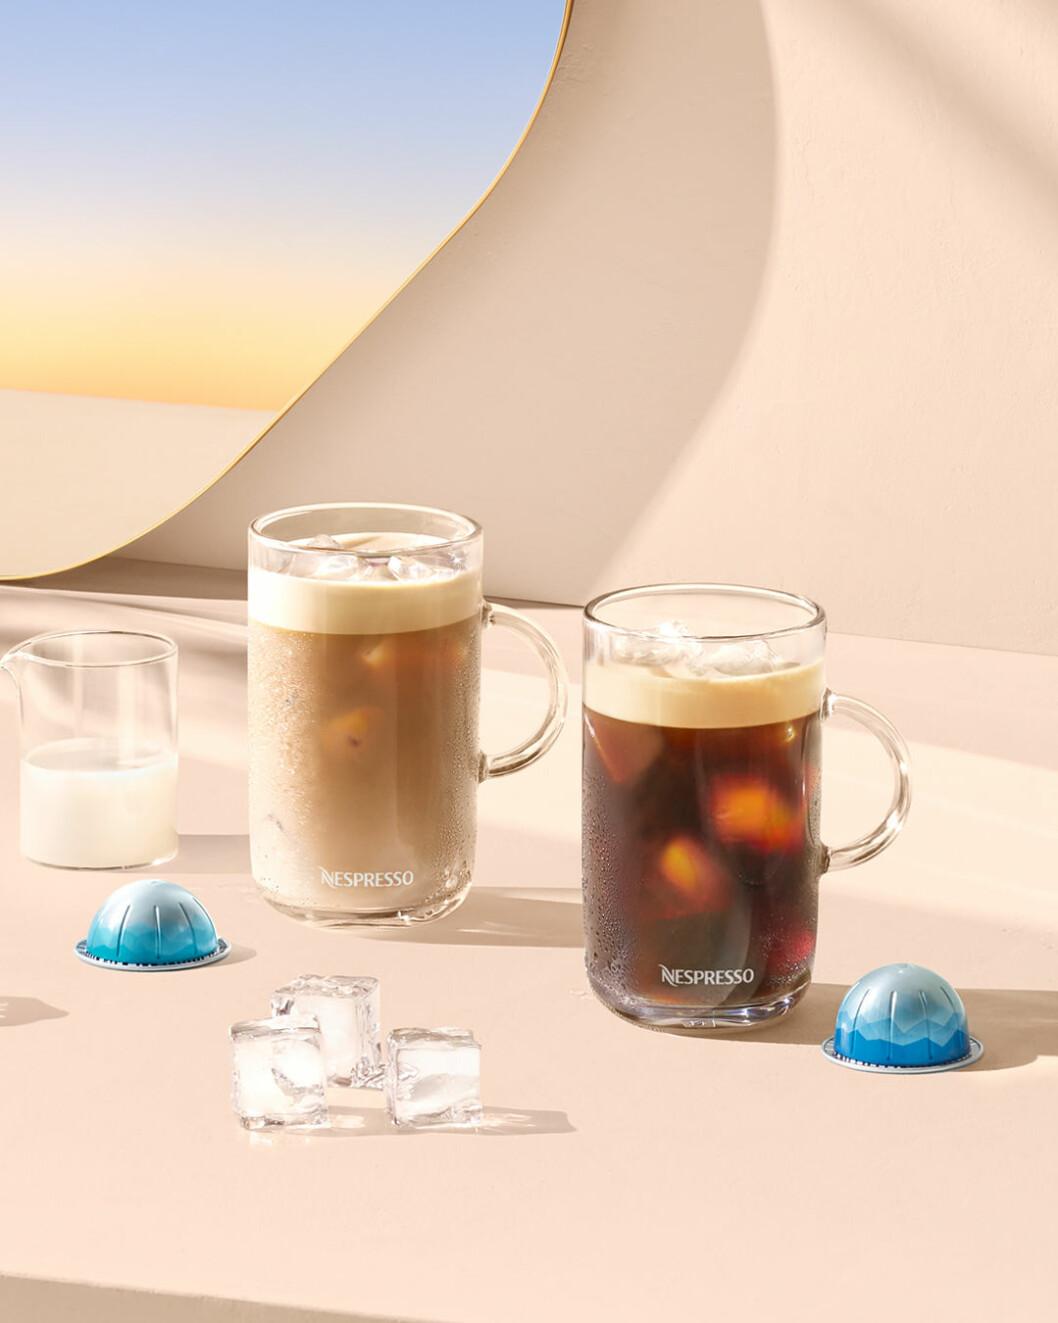 Iskaffe från Nespresso